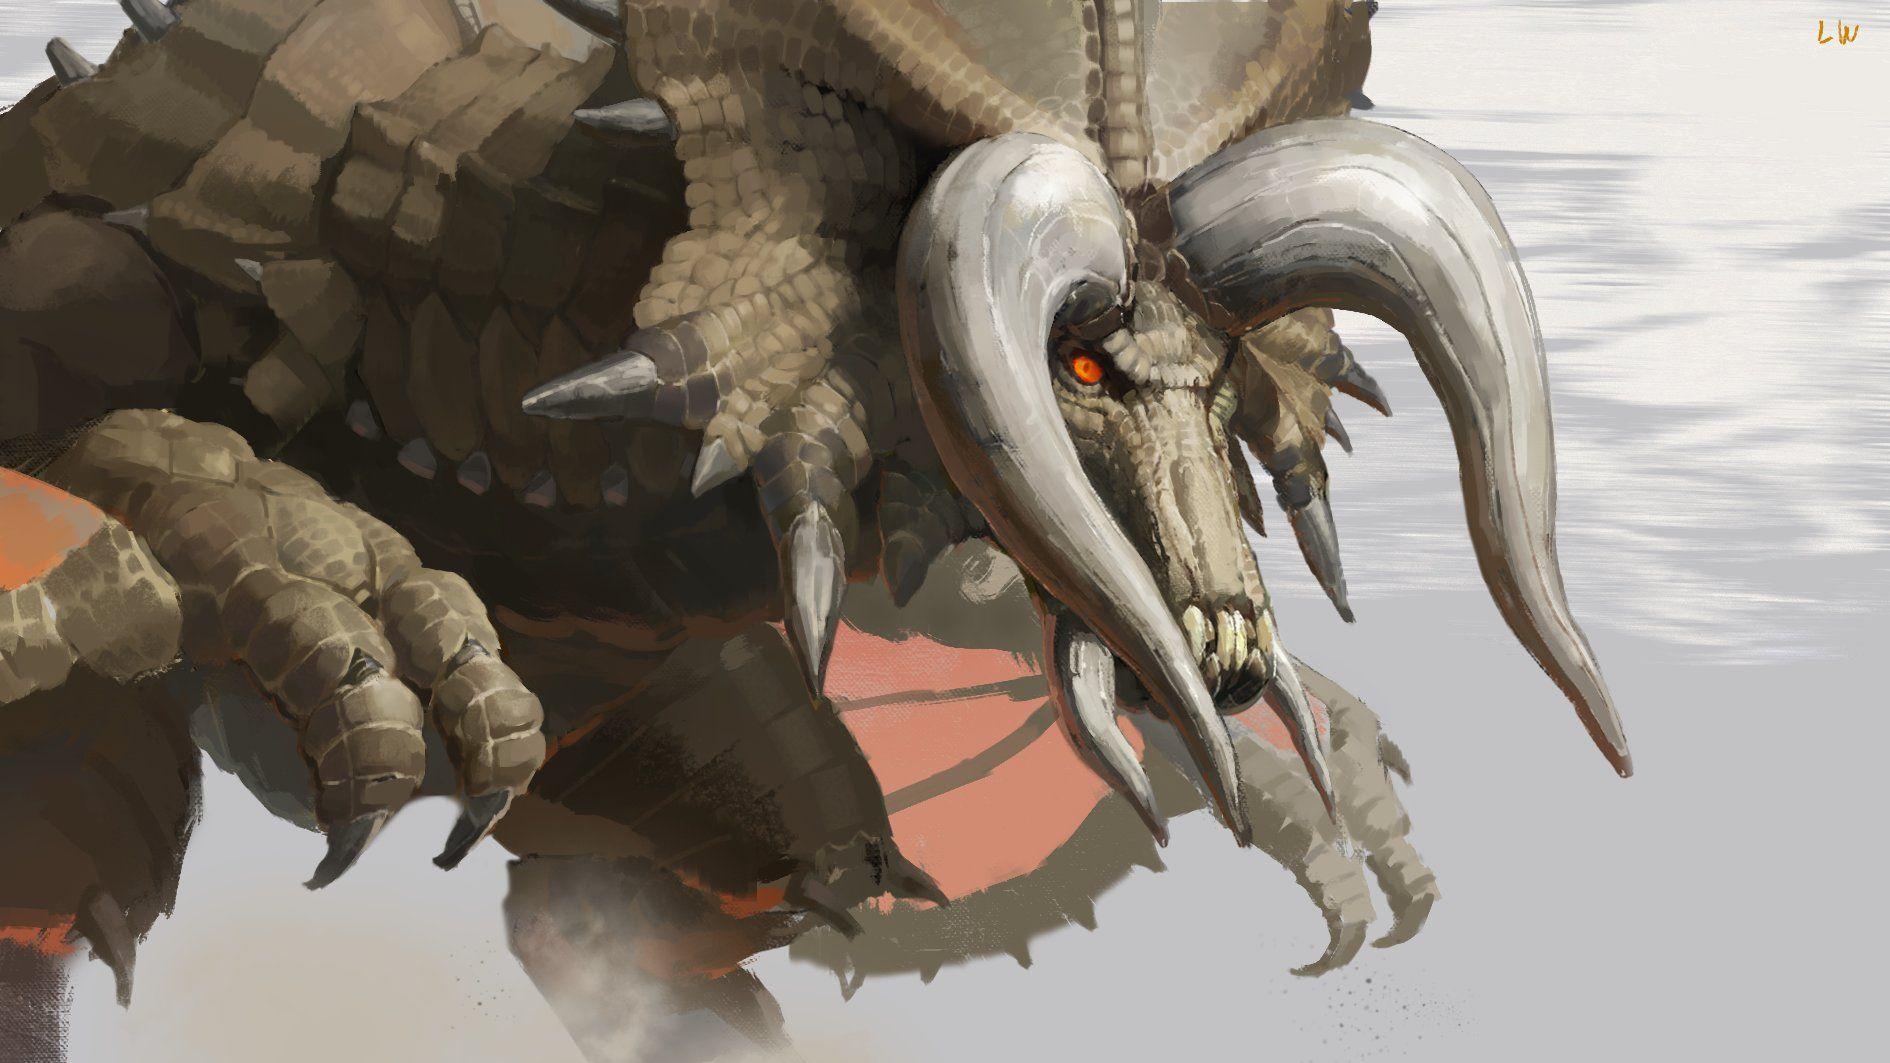 Art of Monster Hunter by L W Monster hunter world